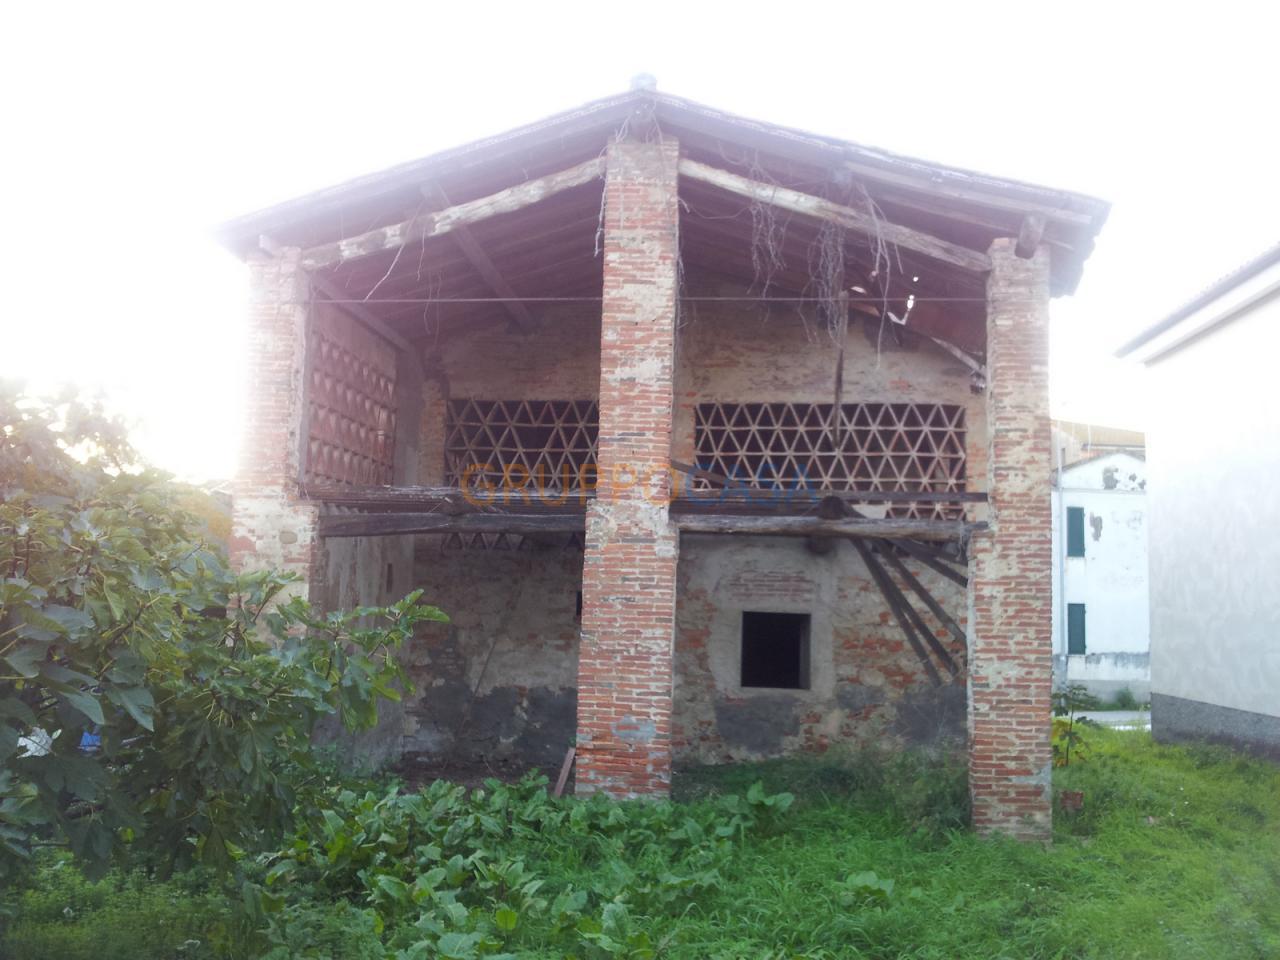 Rustico / Casale in vendita a Castelfranco di Sotto, 7 locali, zona Zona: Orentano, prezzo € 115.000 | Cambio Casa.it